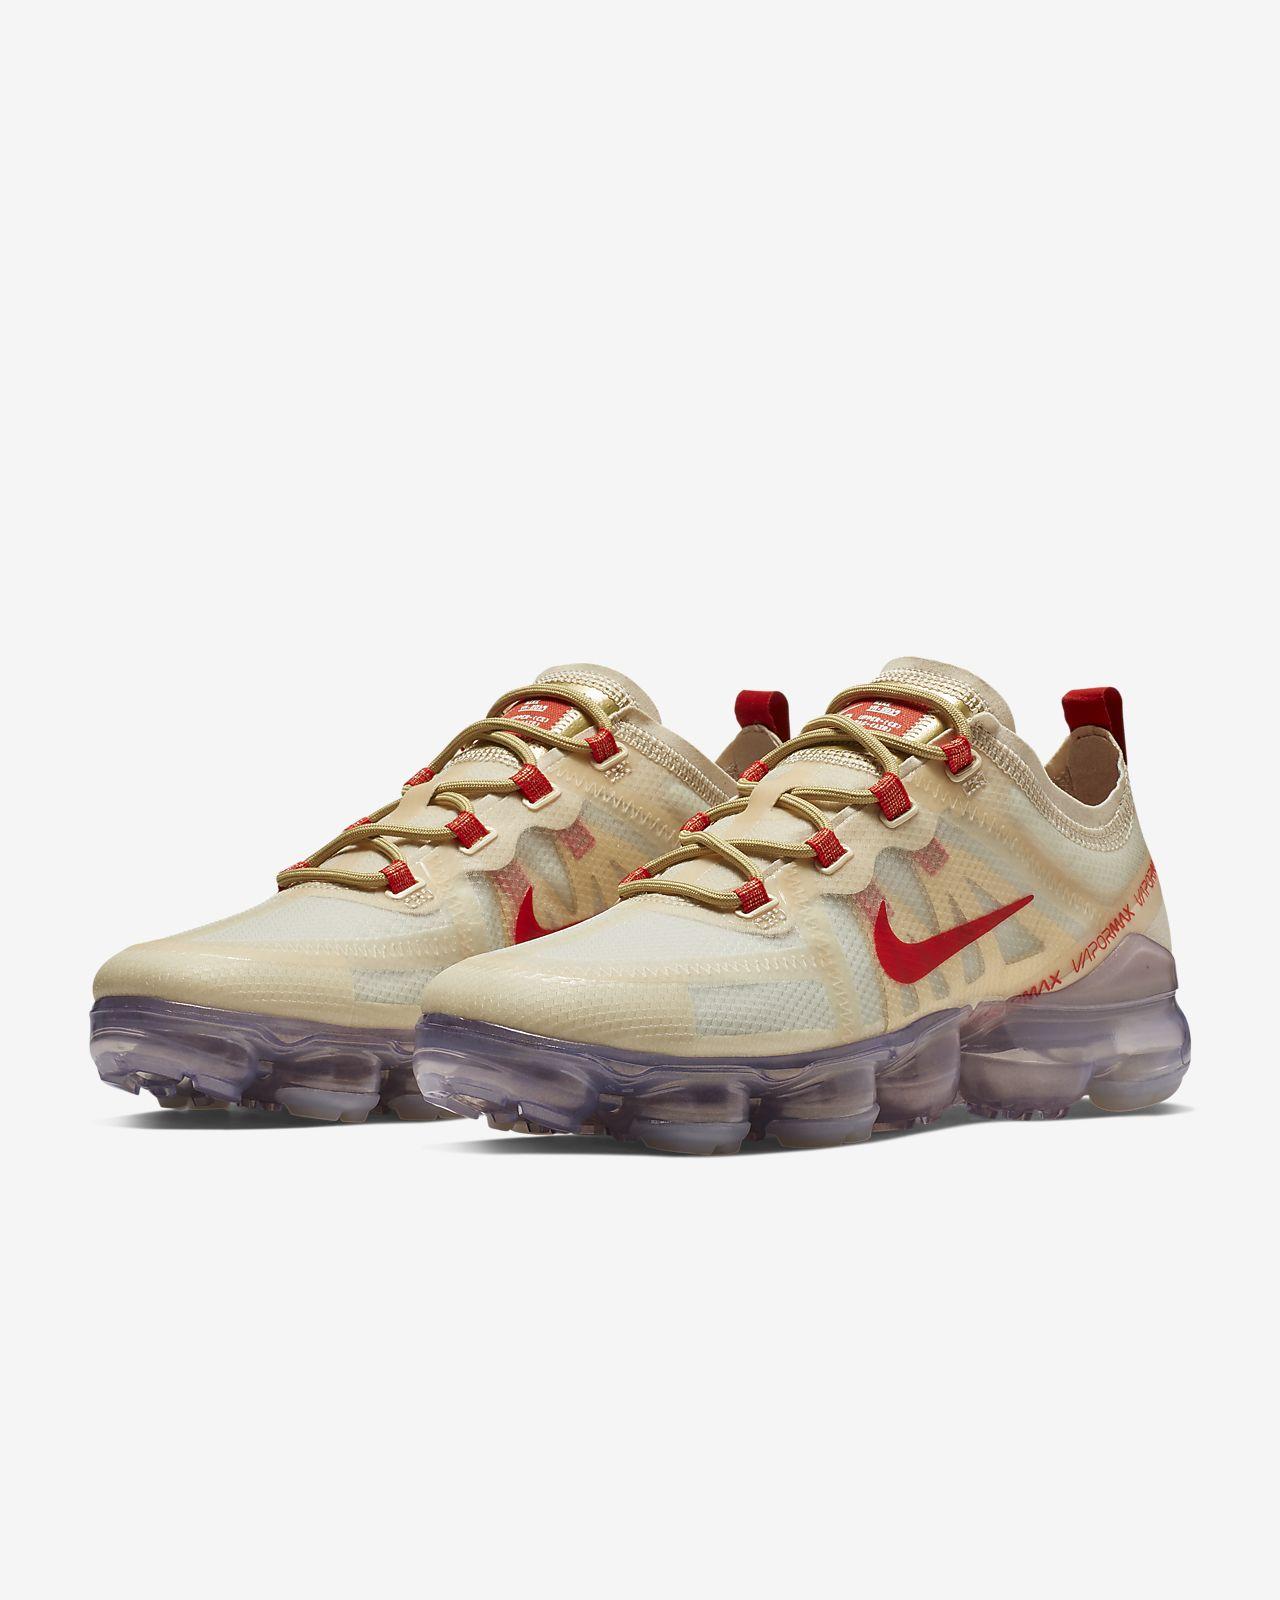 promo code 26bd0 c32b8 ... Nike Air VaporMax 2019 CNY Women s Shoe